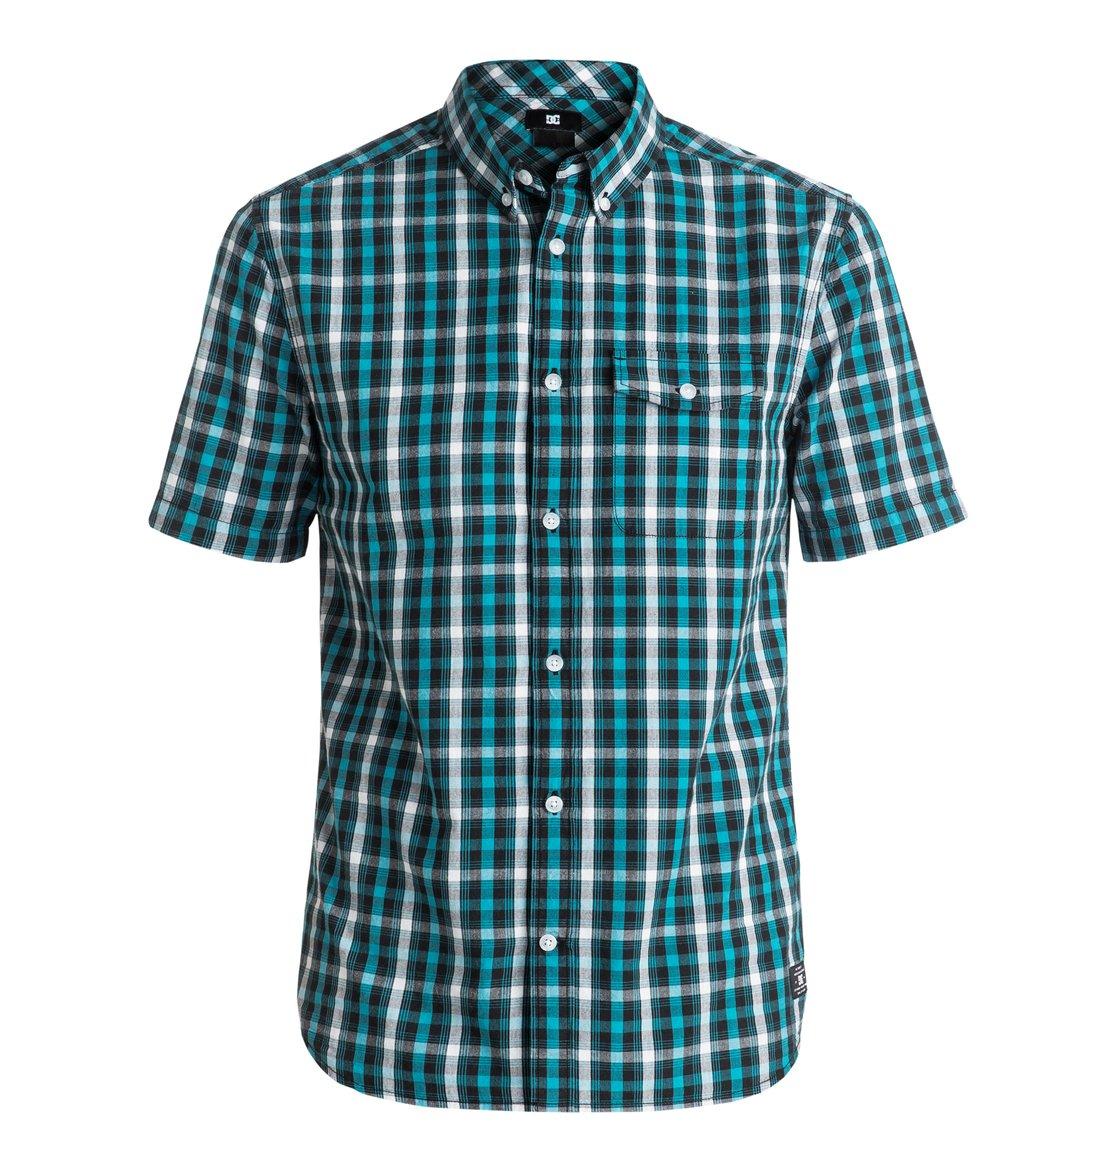 Рубашка Atura 5 с коротким рукавом рубашка в клетку детская dc atura 2 atura formula